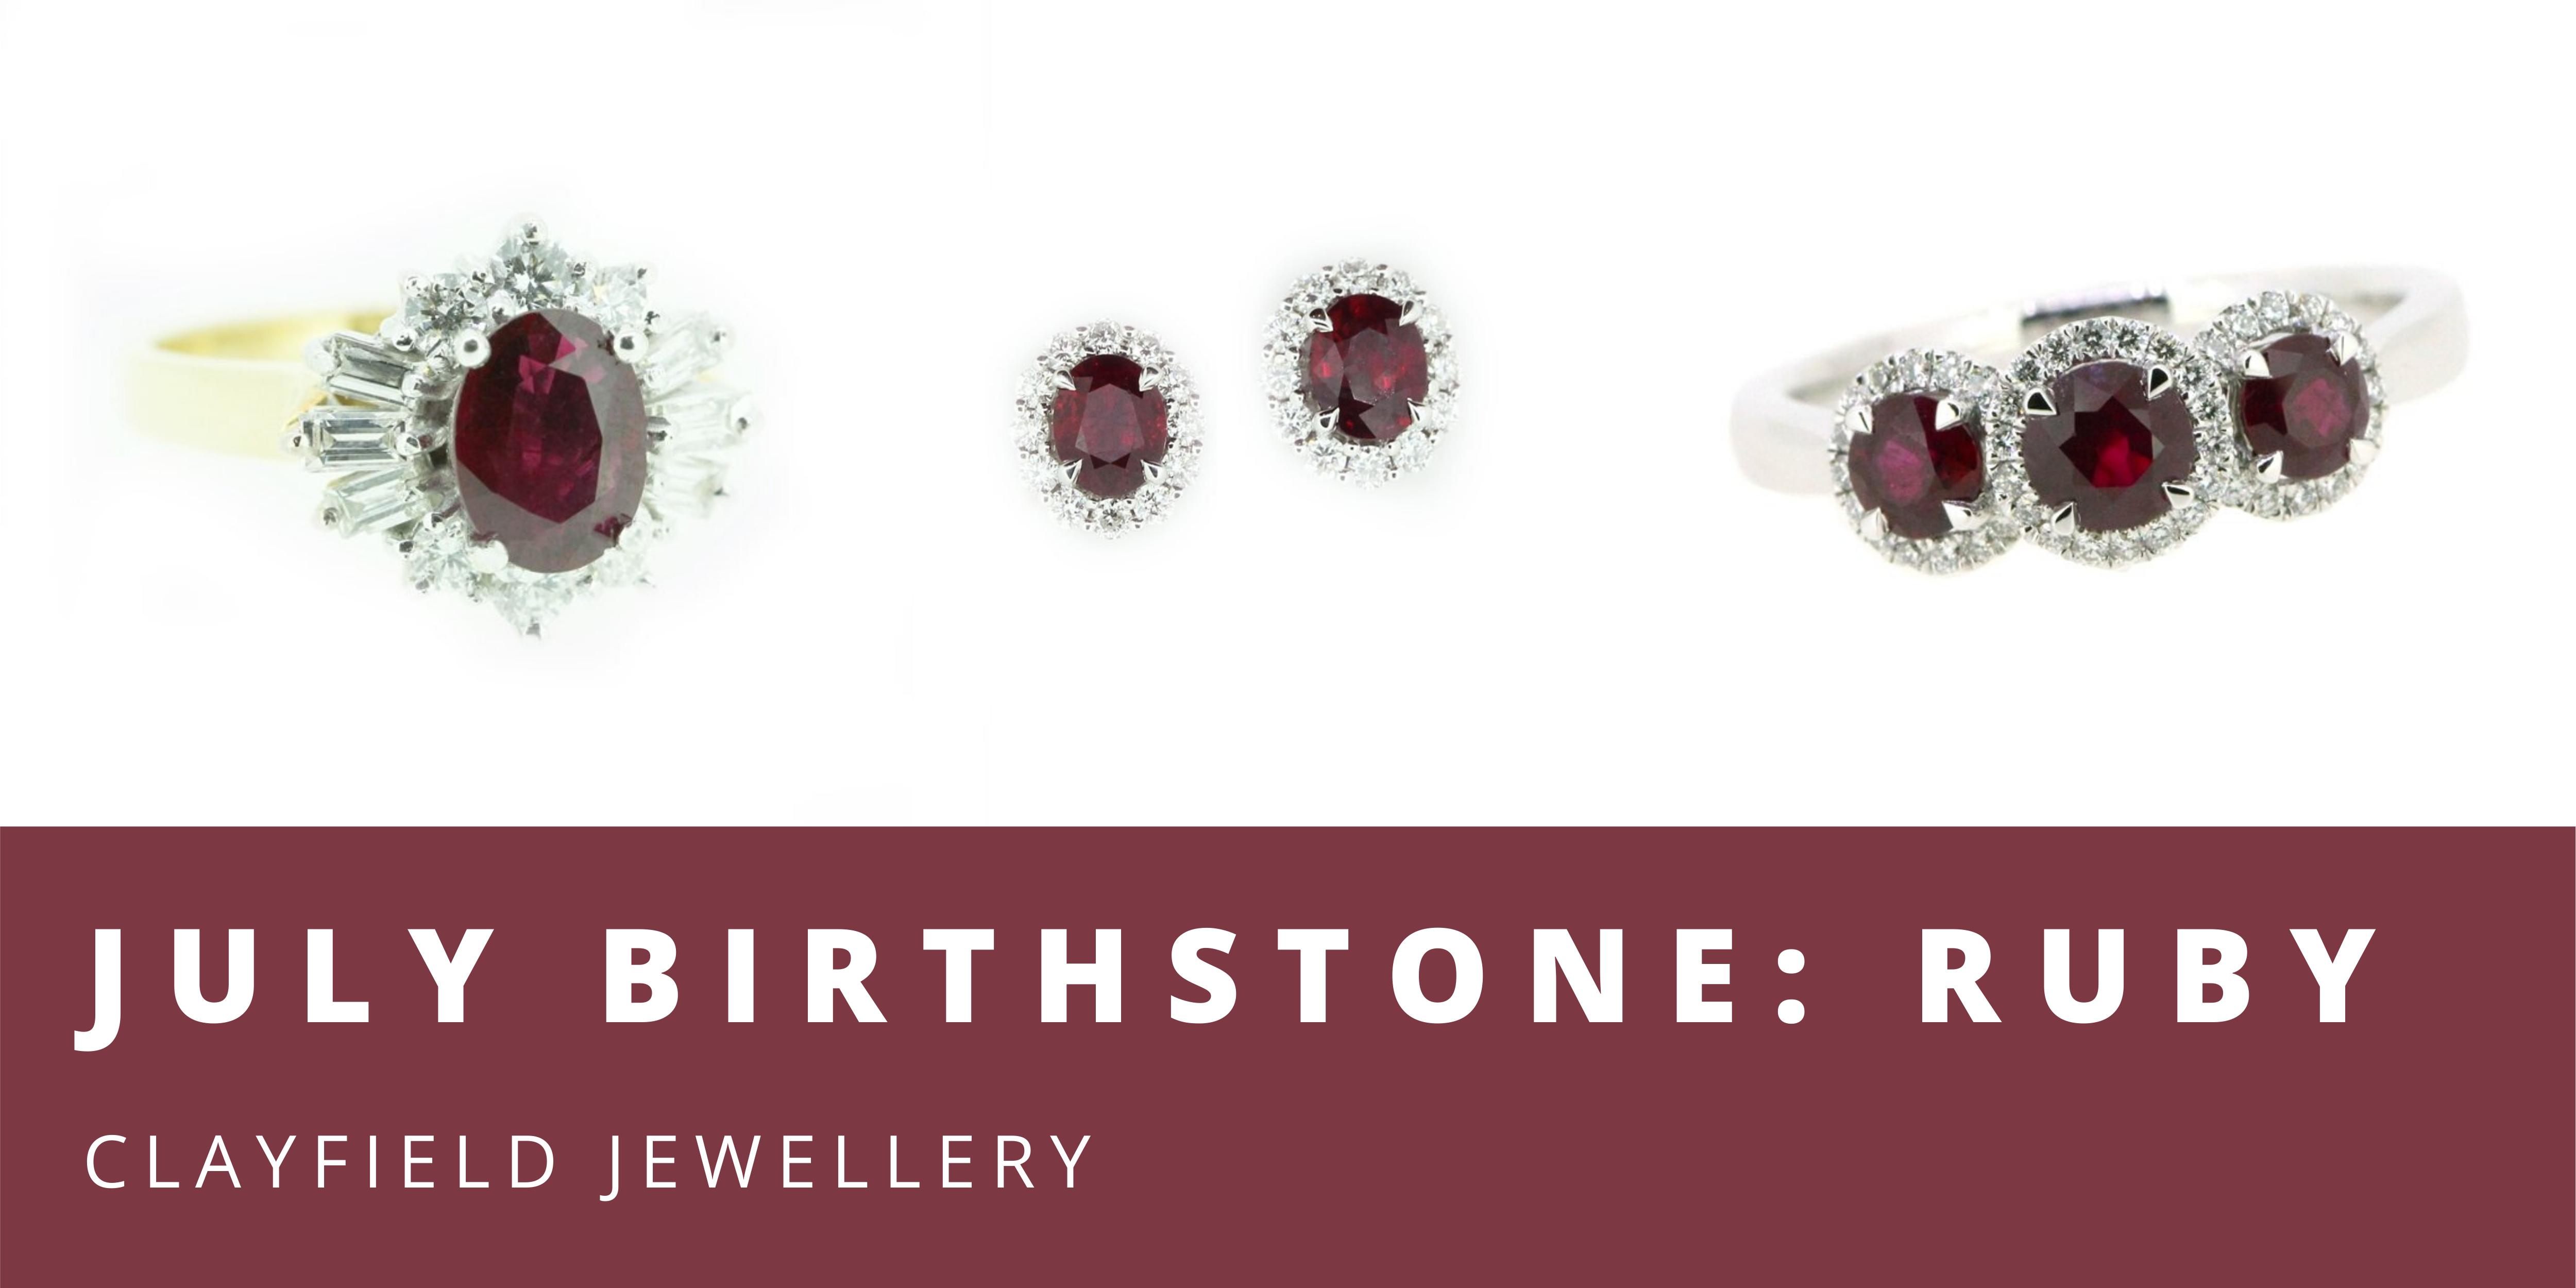 clayfield jewellery july birthstone ruby jewellery